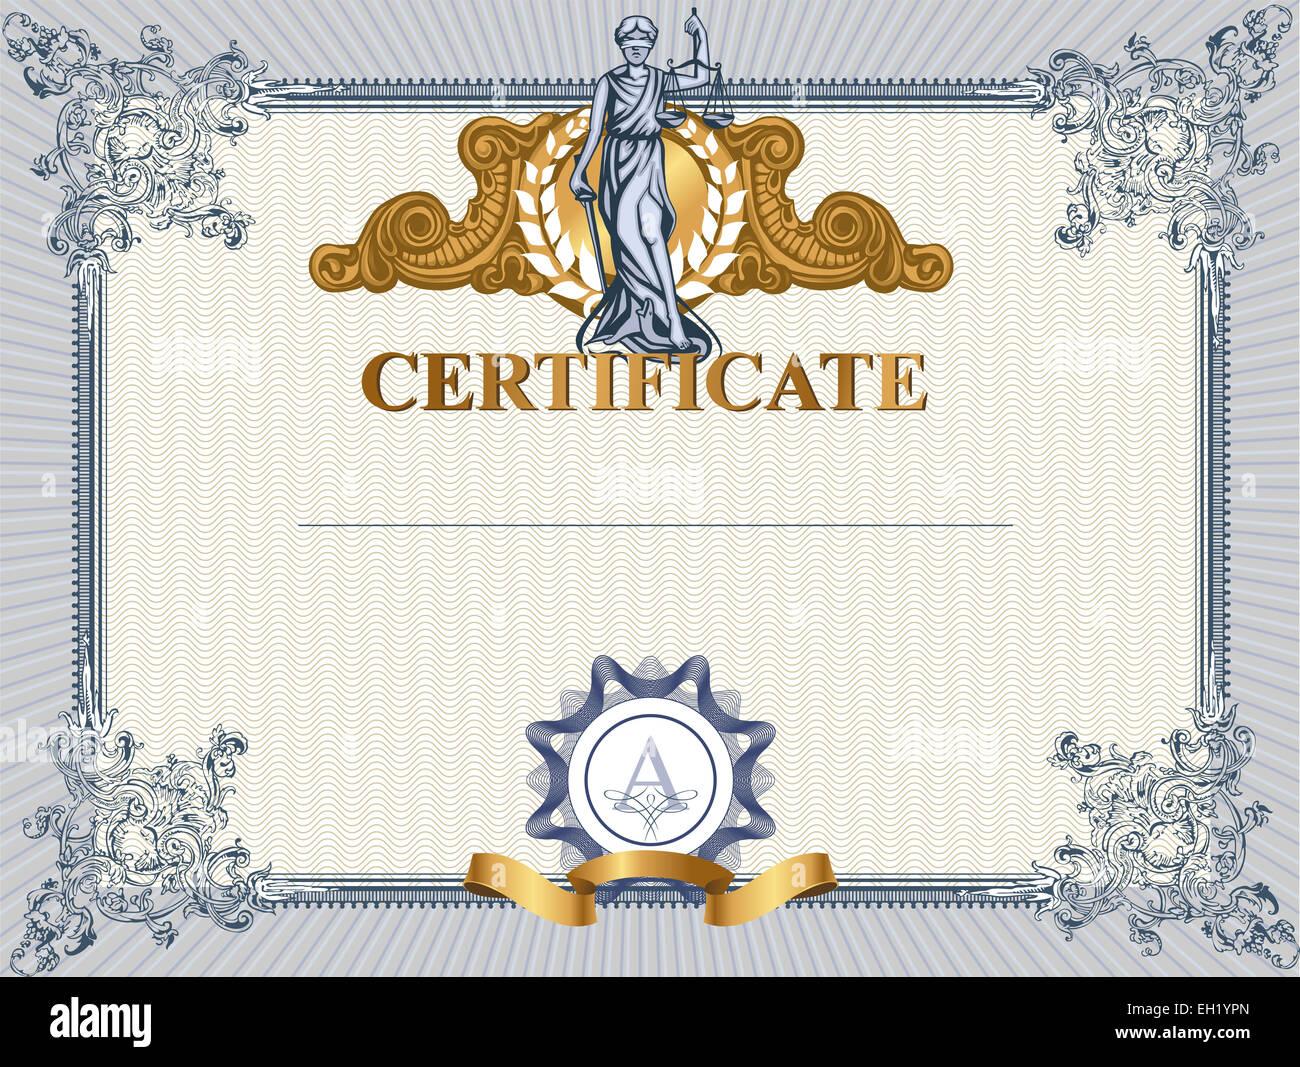 Niedlich Geburtstag Zertifikatvorlage Fotos - Entry Level Resume ...